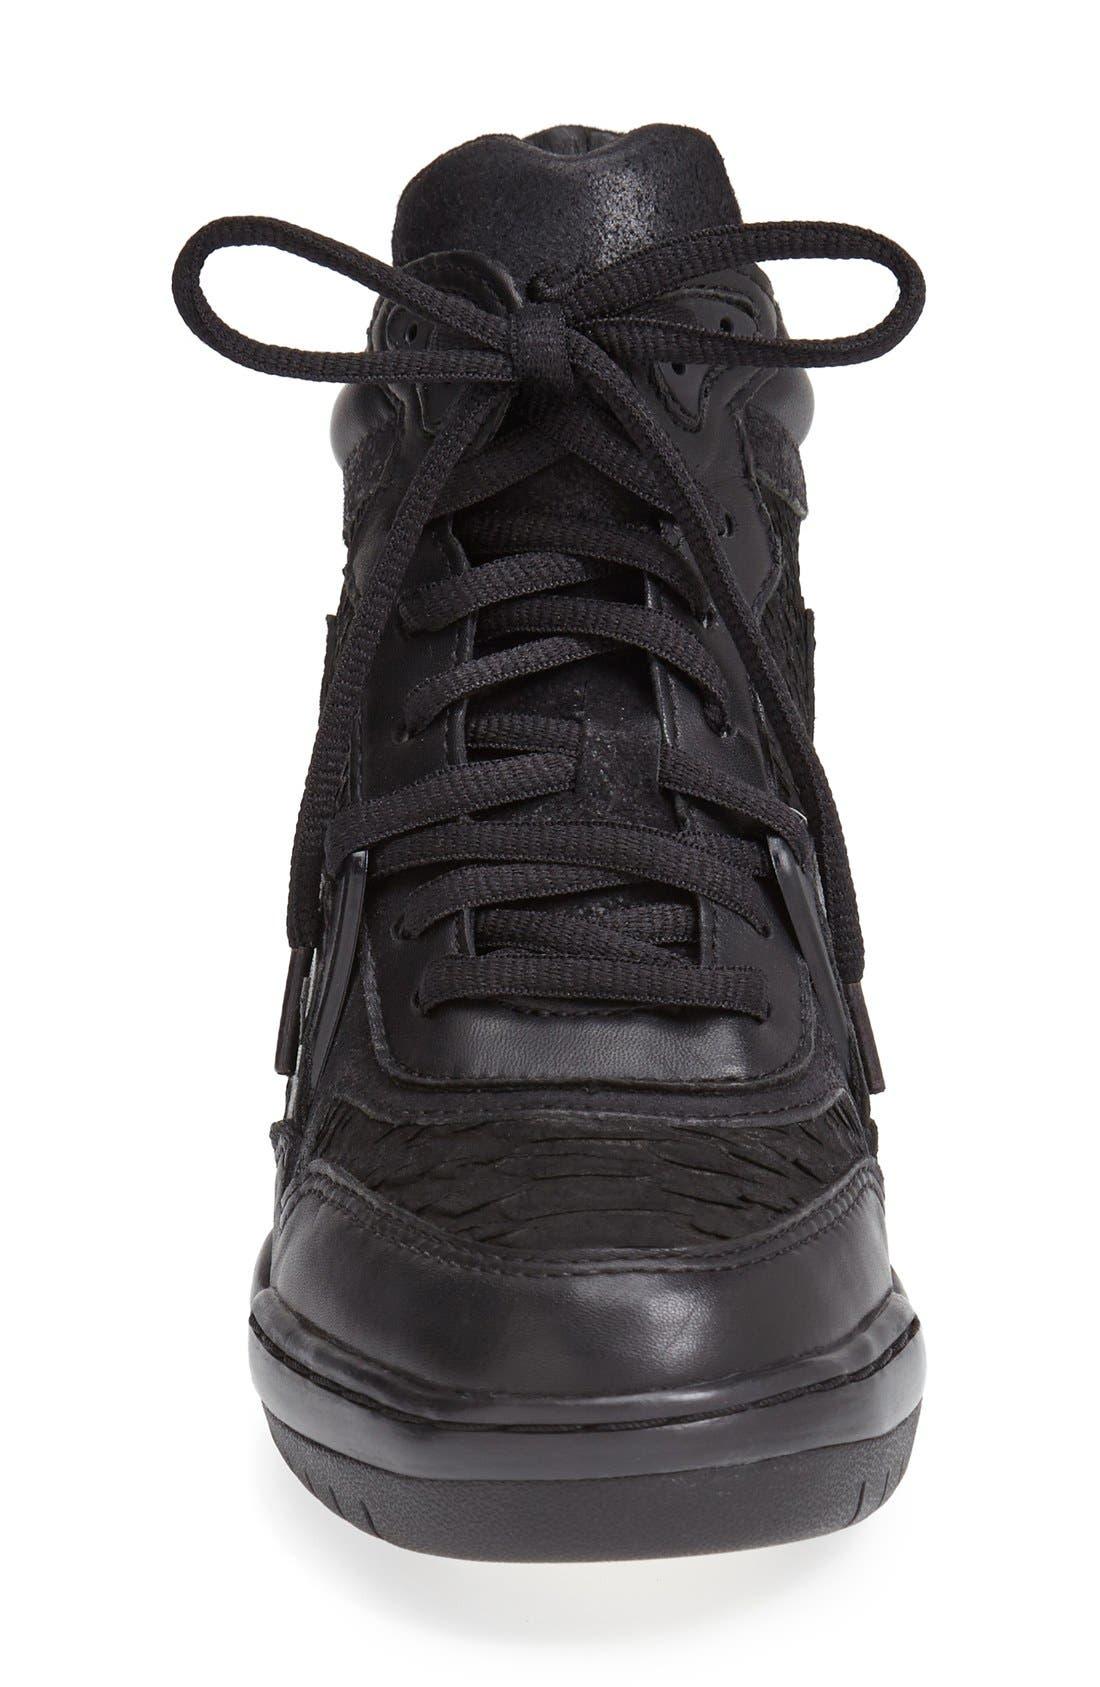 Alternate Image 3  - Ash 'Bling' Hidden Wedge Sneaker (Women)